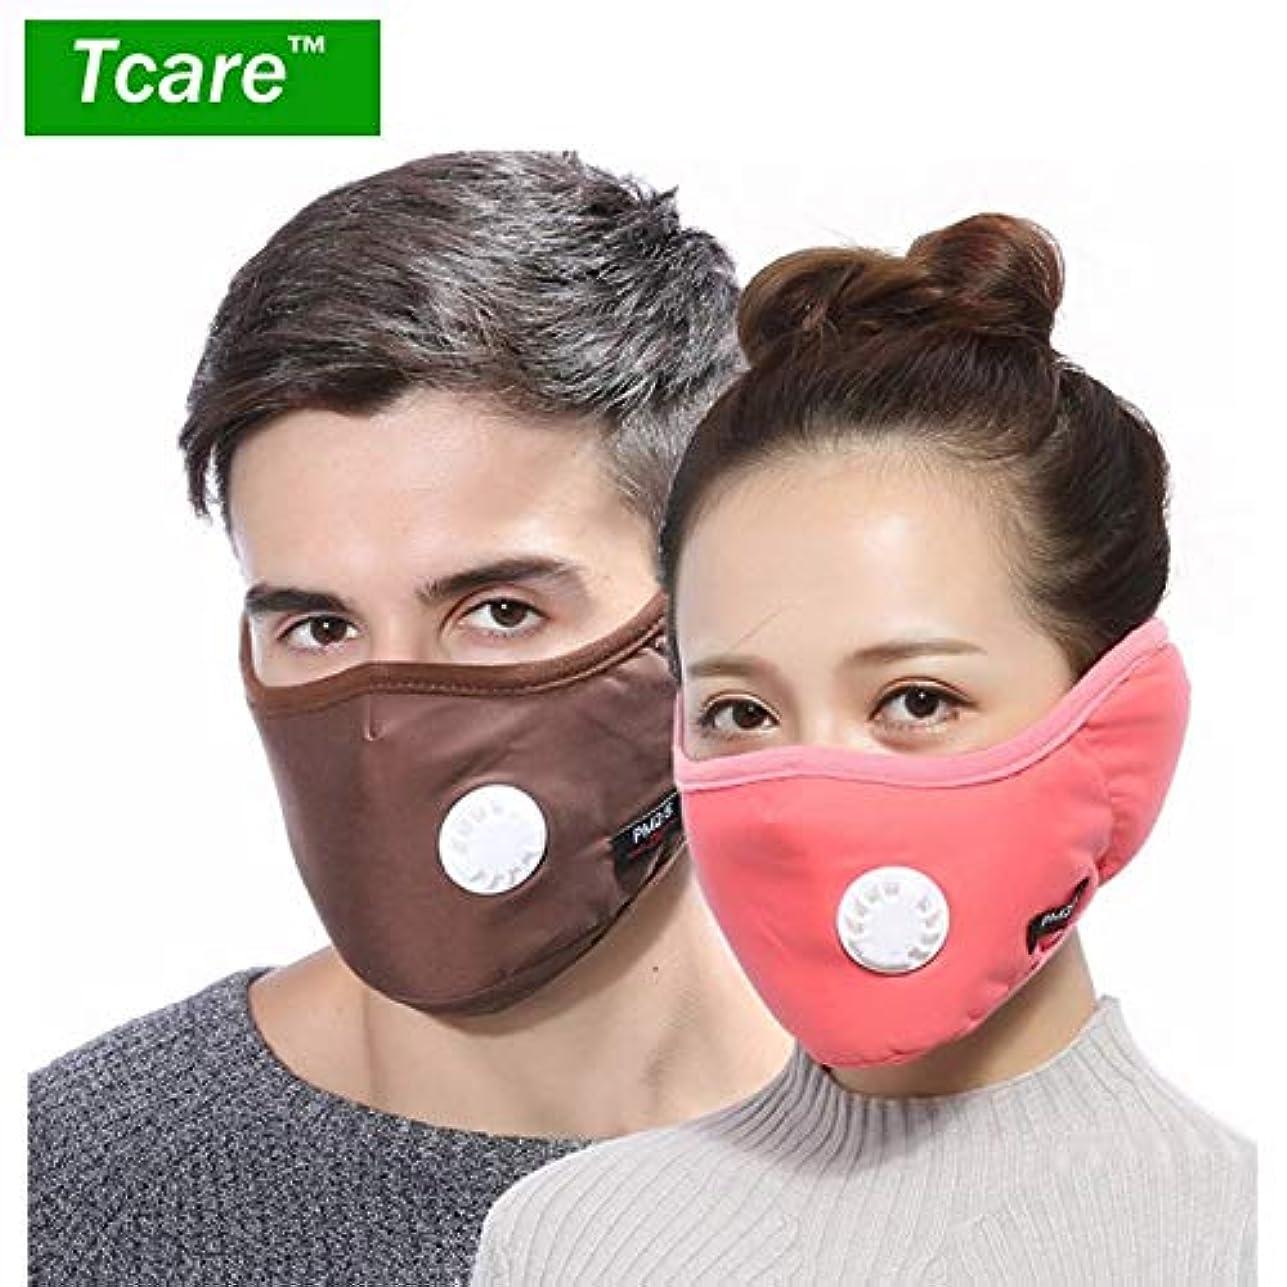 お肉リッチグリーンランド6 Waternレッド:1 PM2.5マスクバルブコットンアンチダスト口マスクの冬のイヤーマフActtedフィルター付マスクでTcare 2